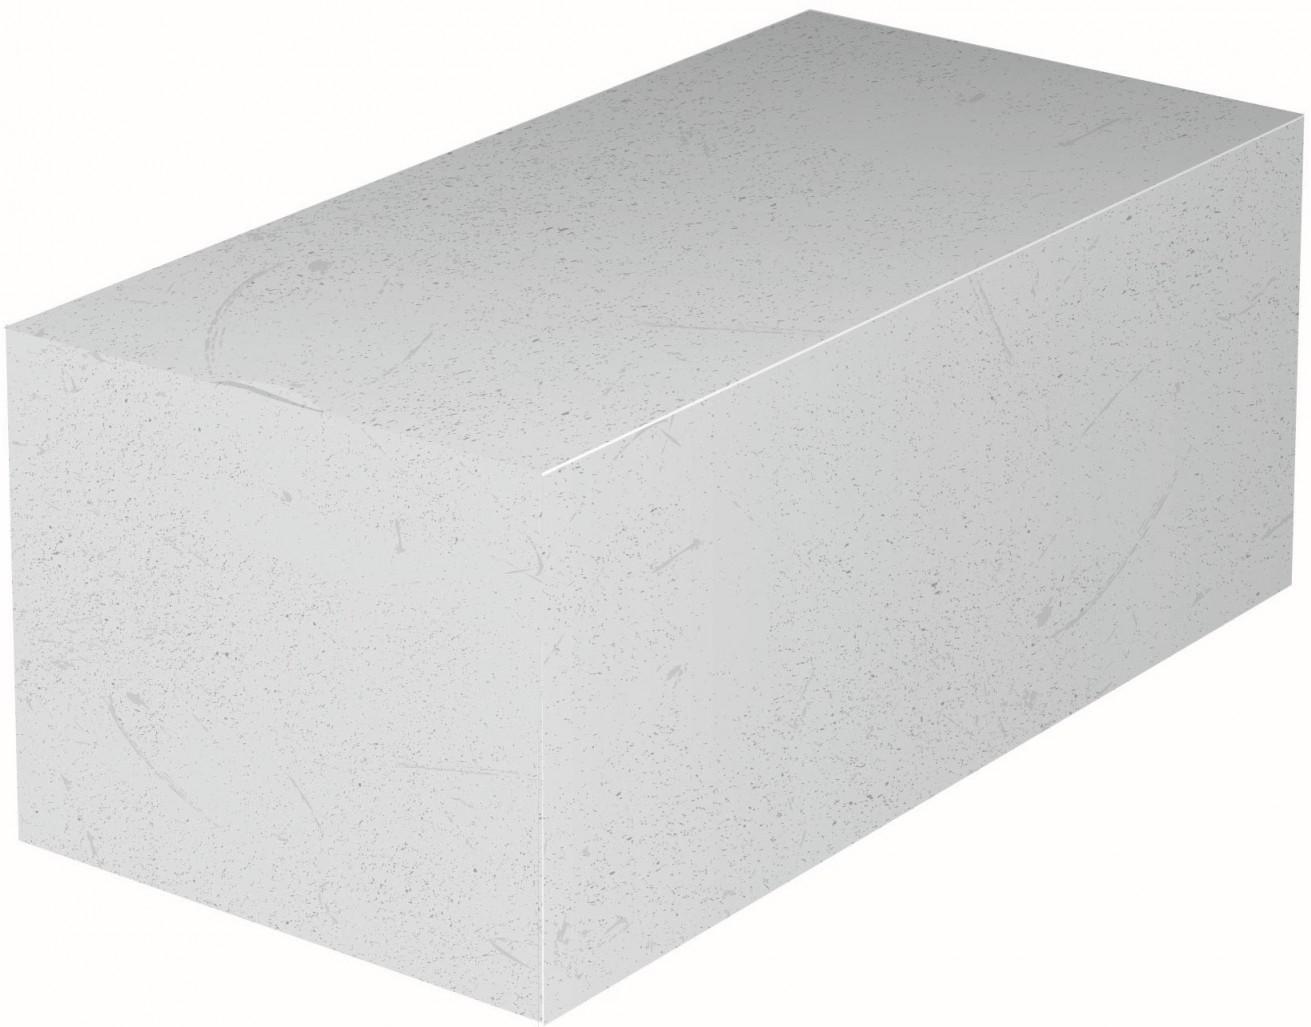 Bonolit D500, 600х200х400 мм, Блок газобетонный